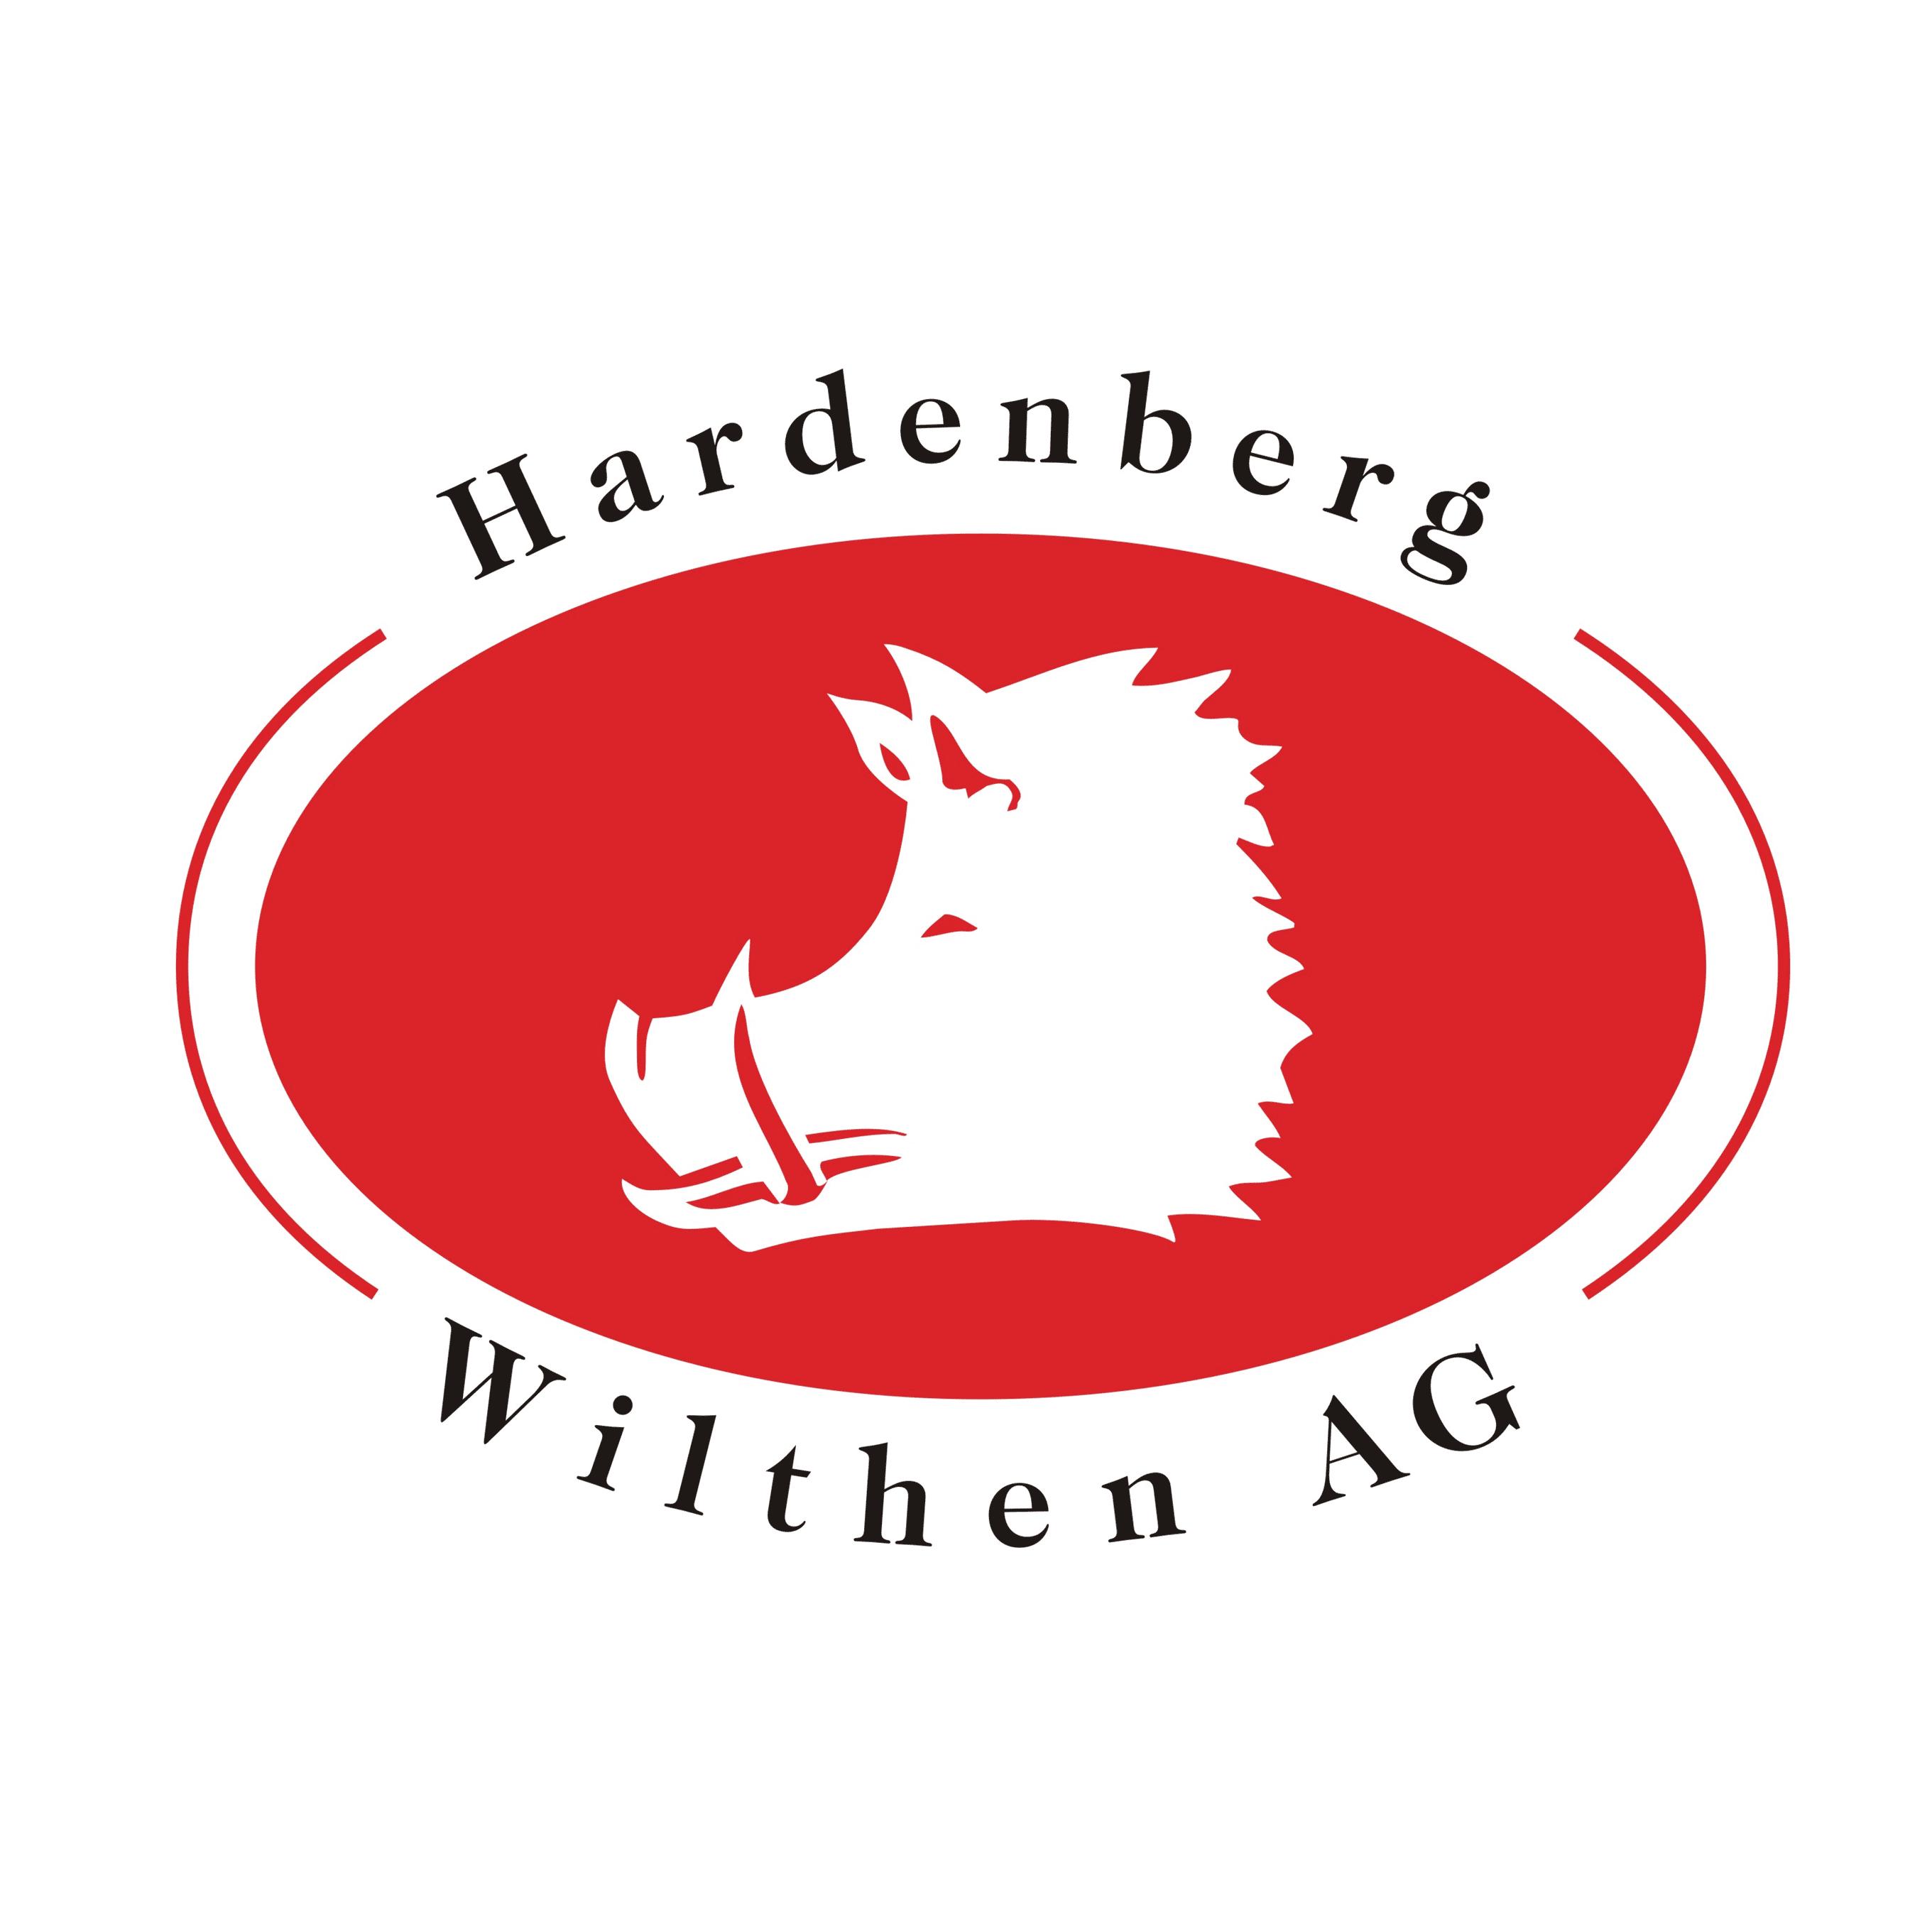 hardenberg-wilthen-ag